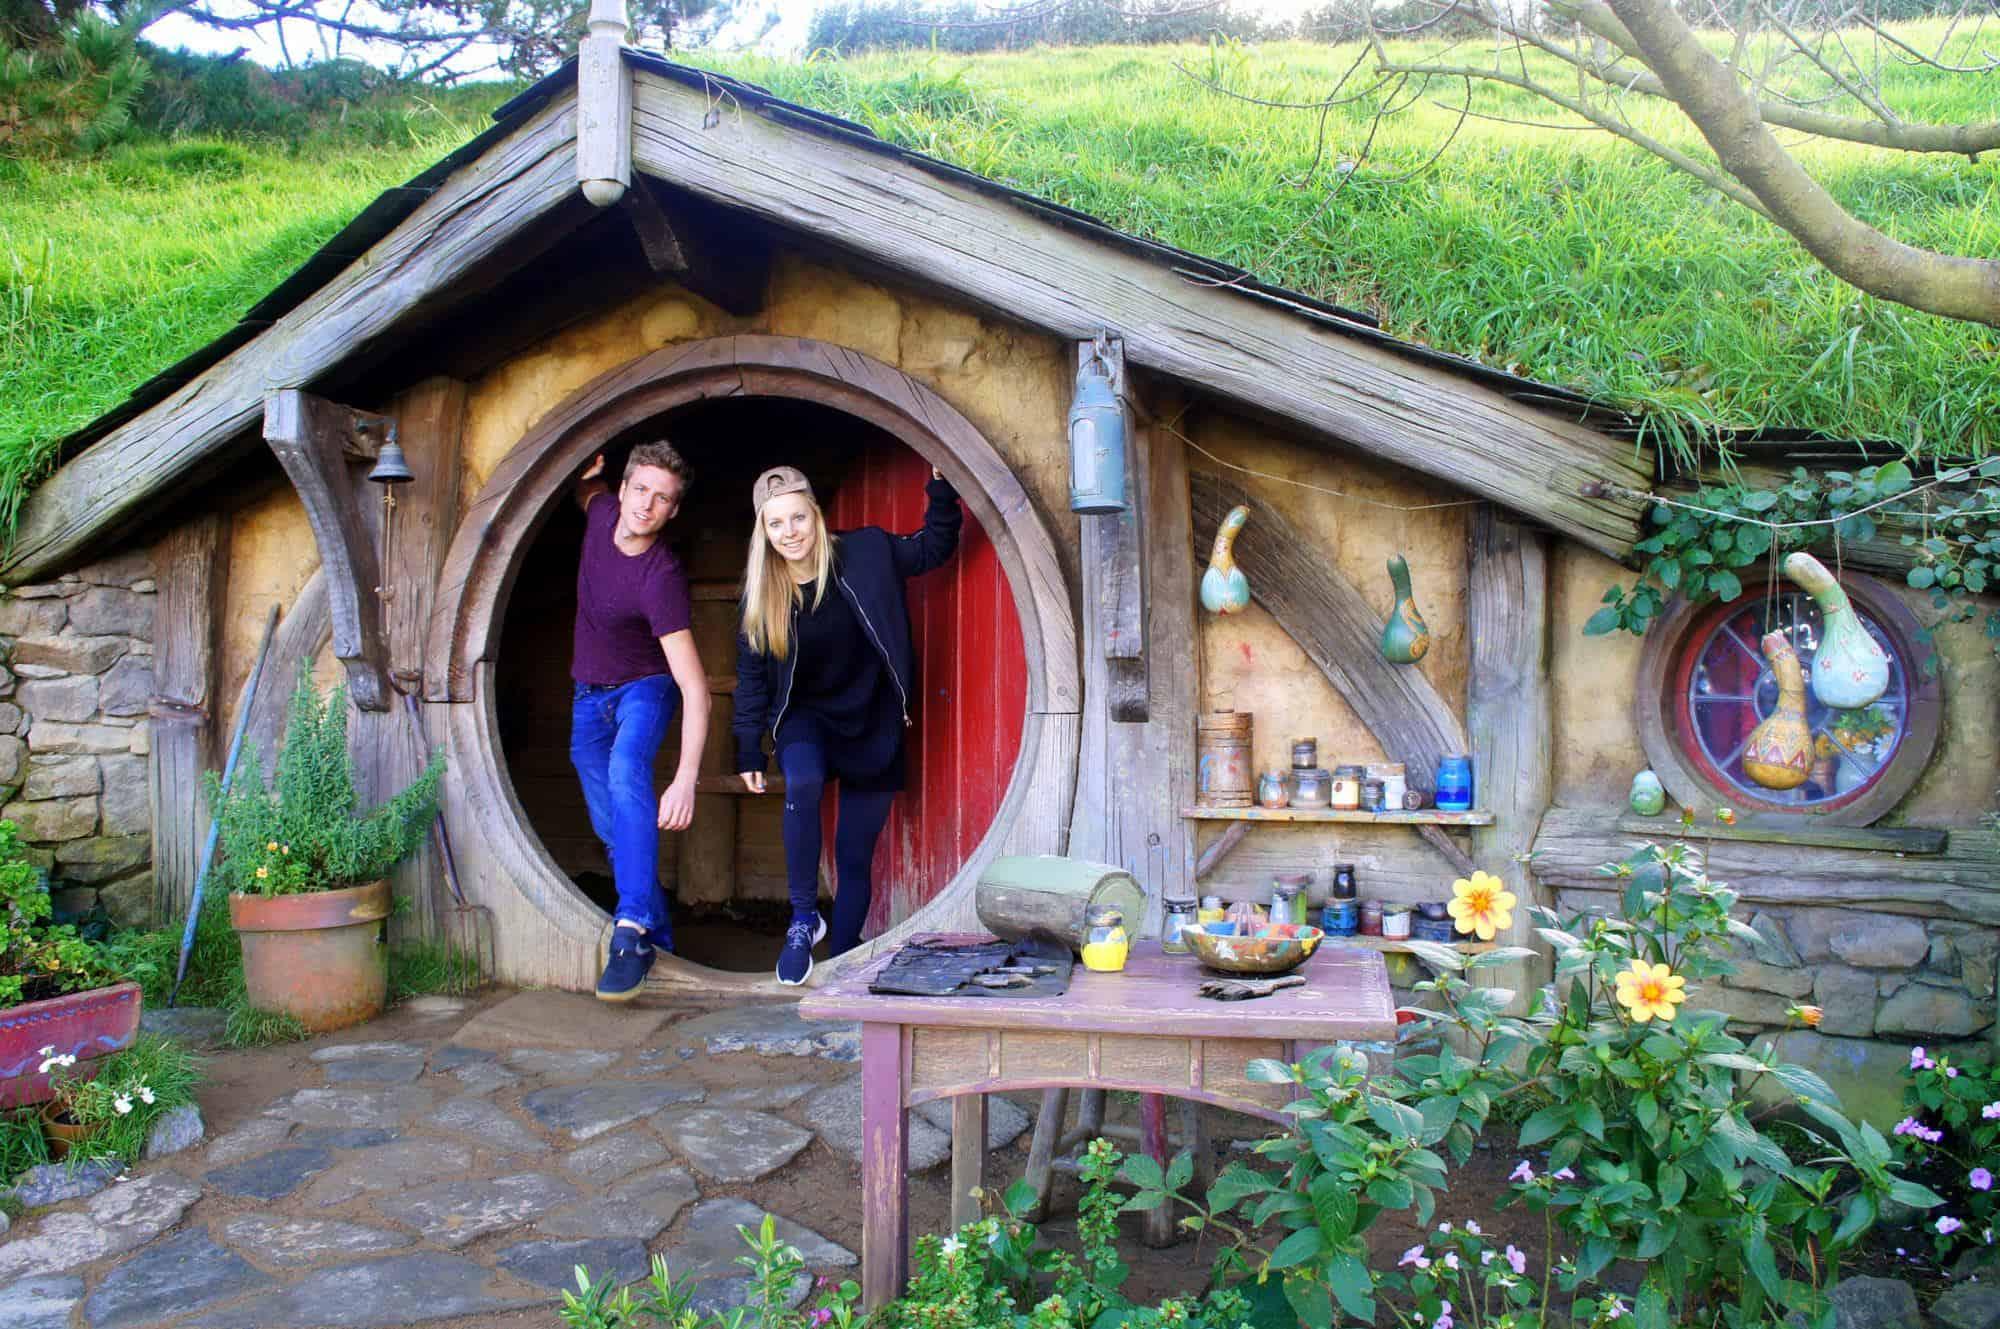 Visiting-the-Hobbiton-New-Zealand